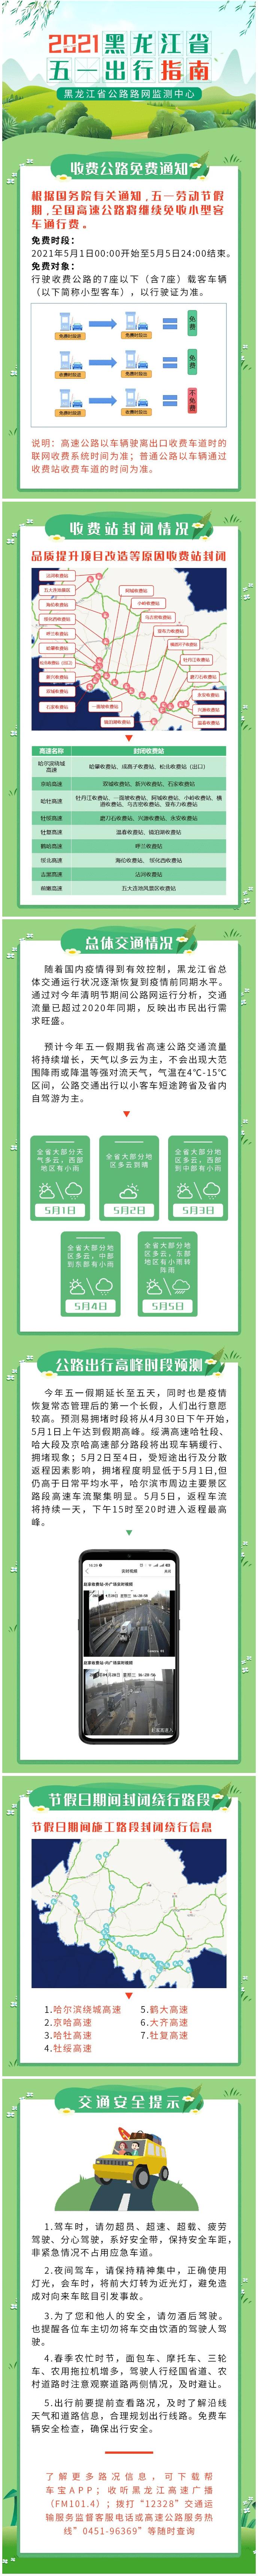 黑龙江省五一出行指南来了!带上它和好心情,准备出发!